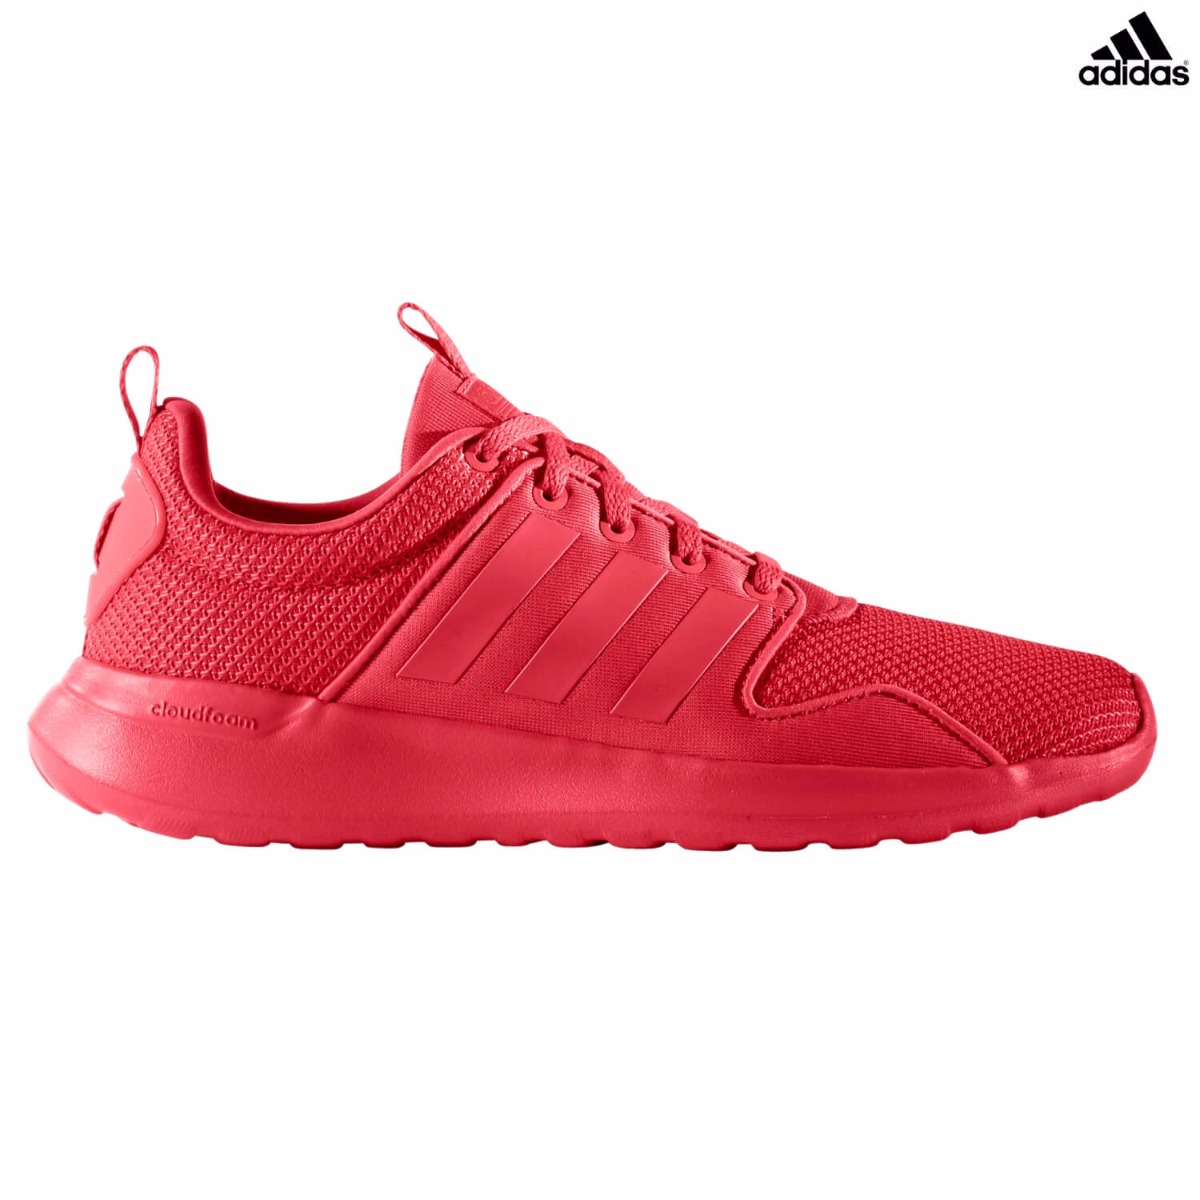 dd938fbef adidas Cloudfoam Lite Racer W Shoes